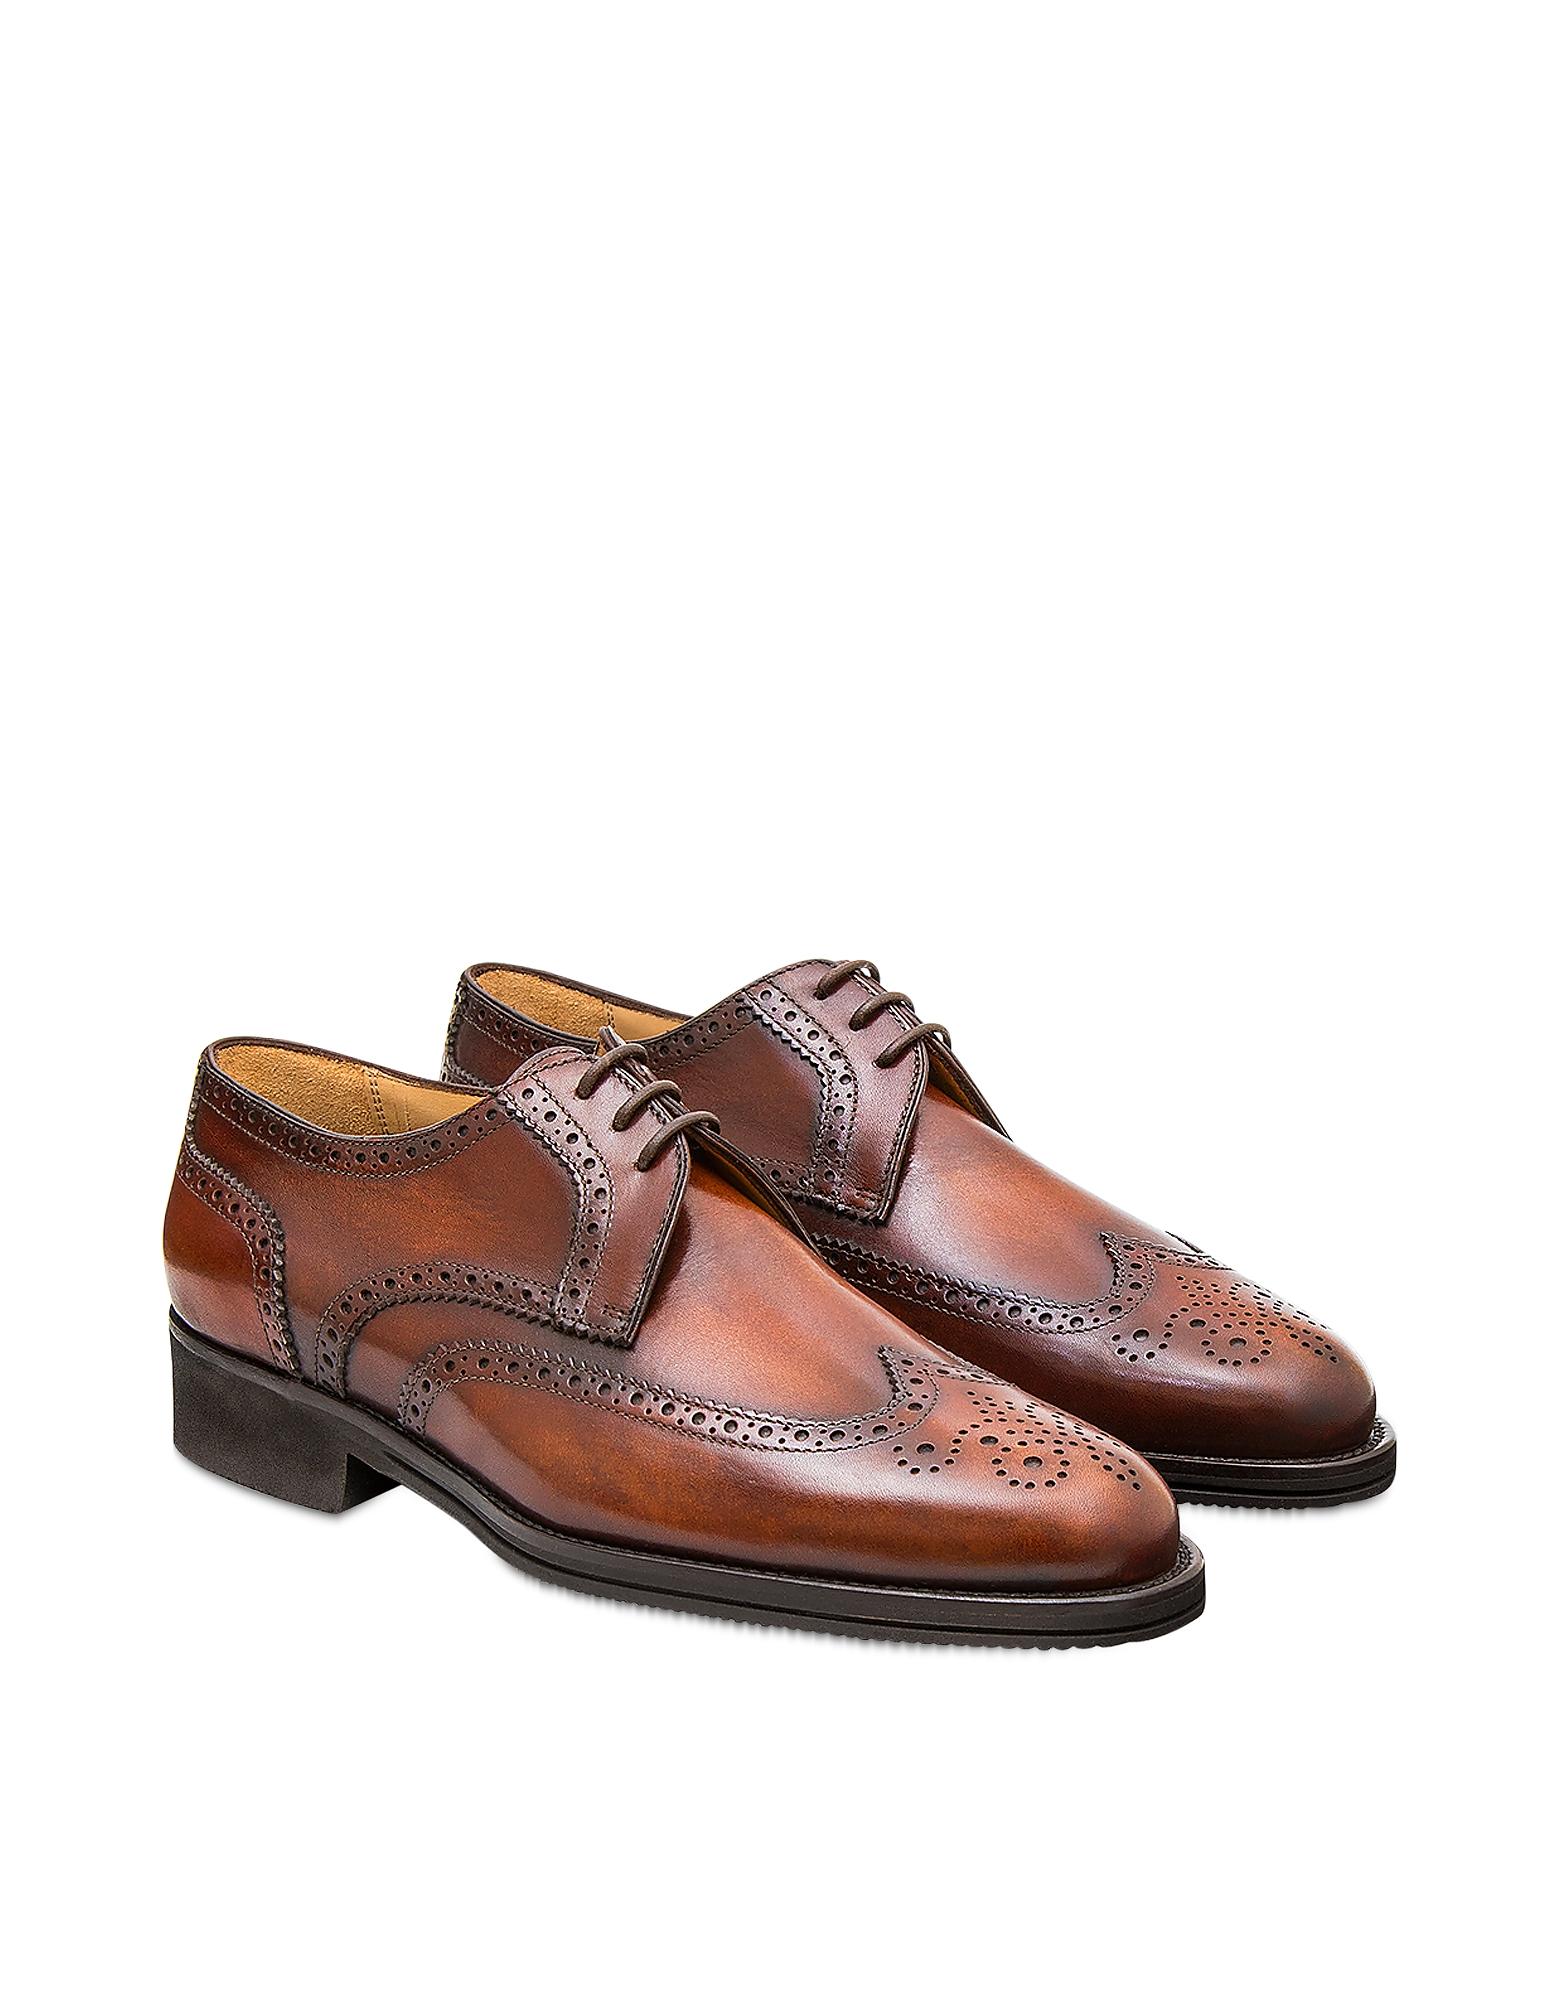 Pakerson Designer Shoes, Wood Pisa Derby Shoe